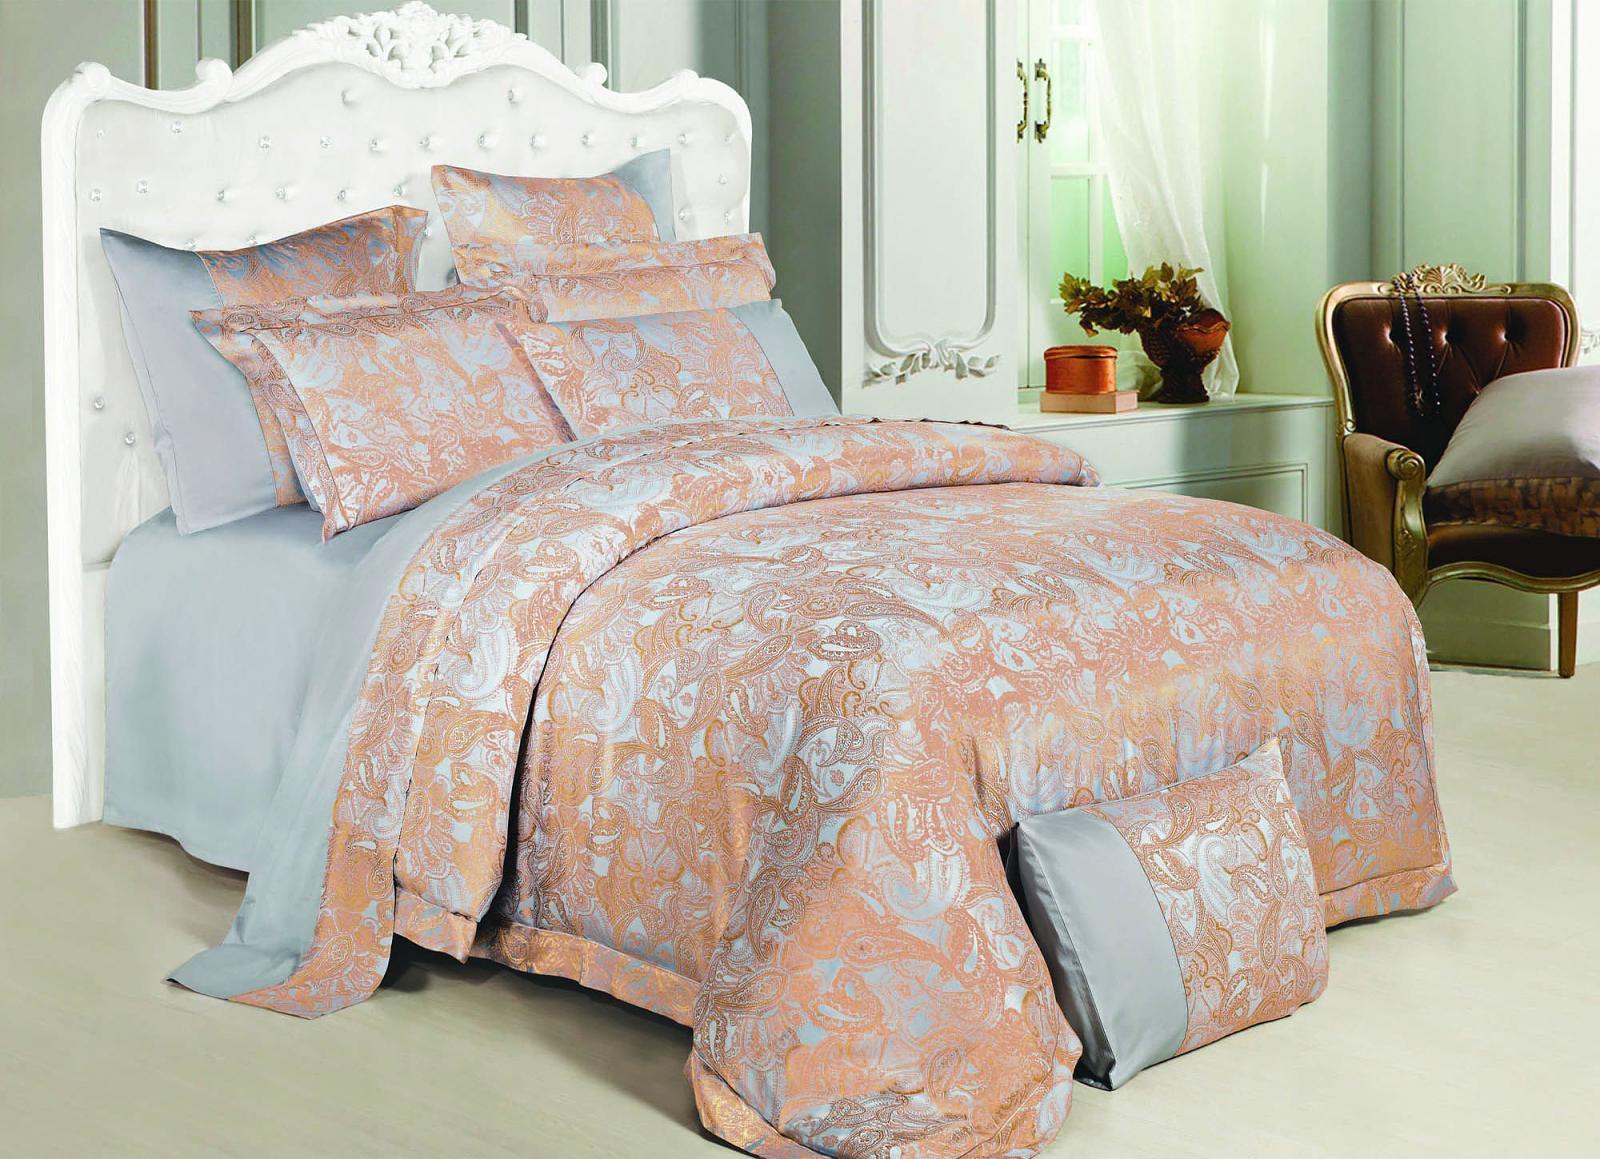 При какой температуре стирать постельное белье в стиральной машине исходя из типа ткани?